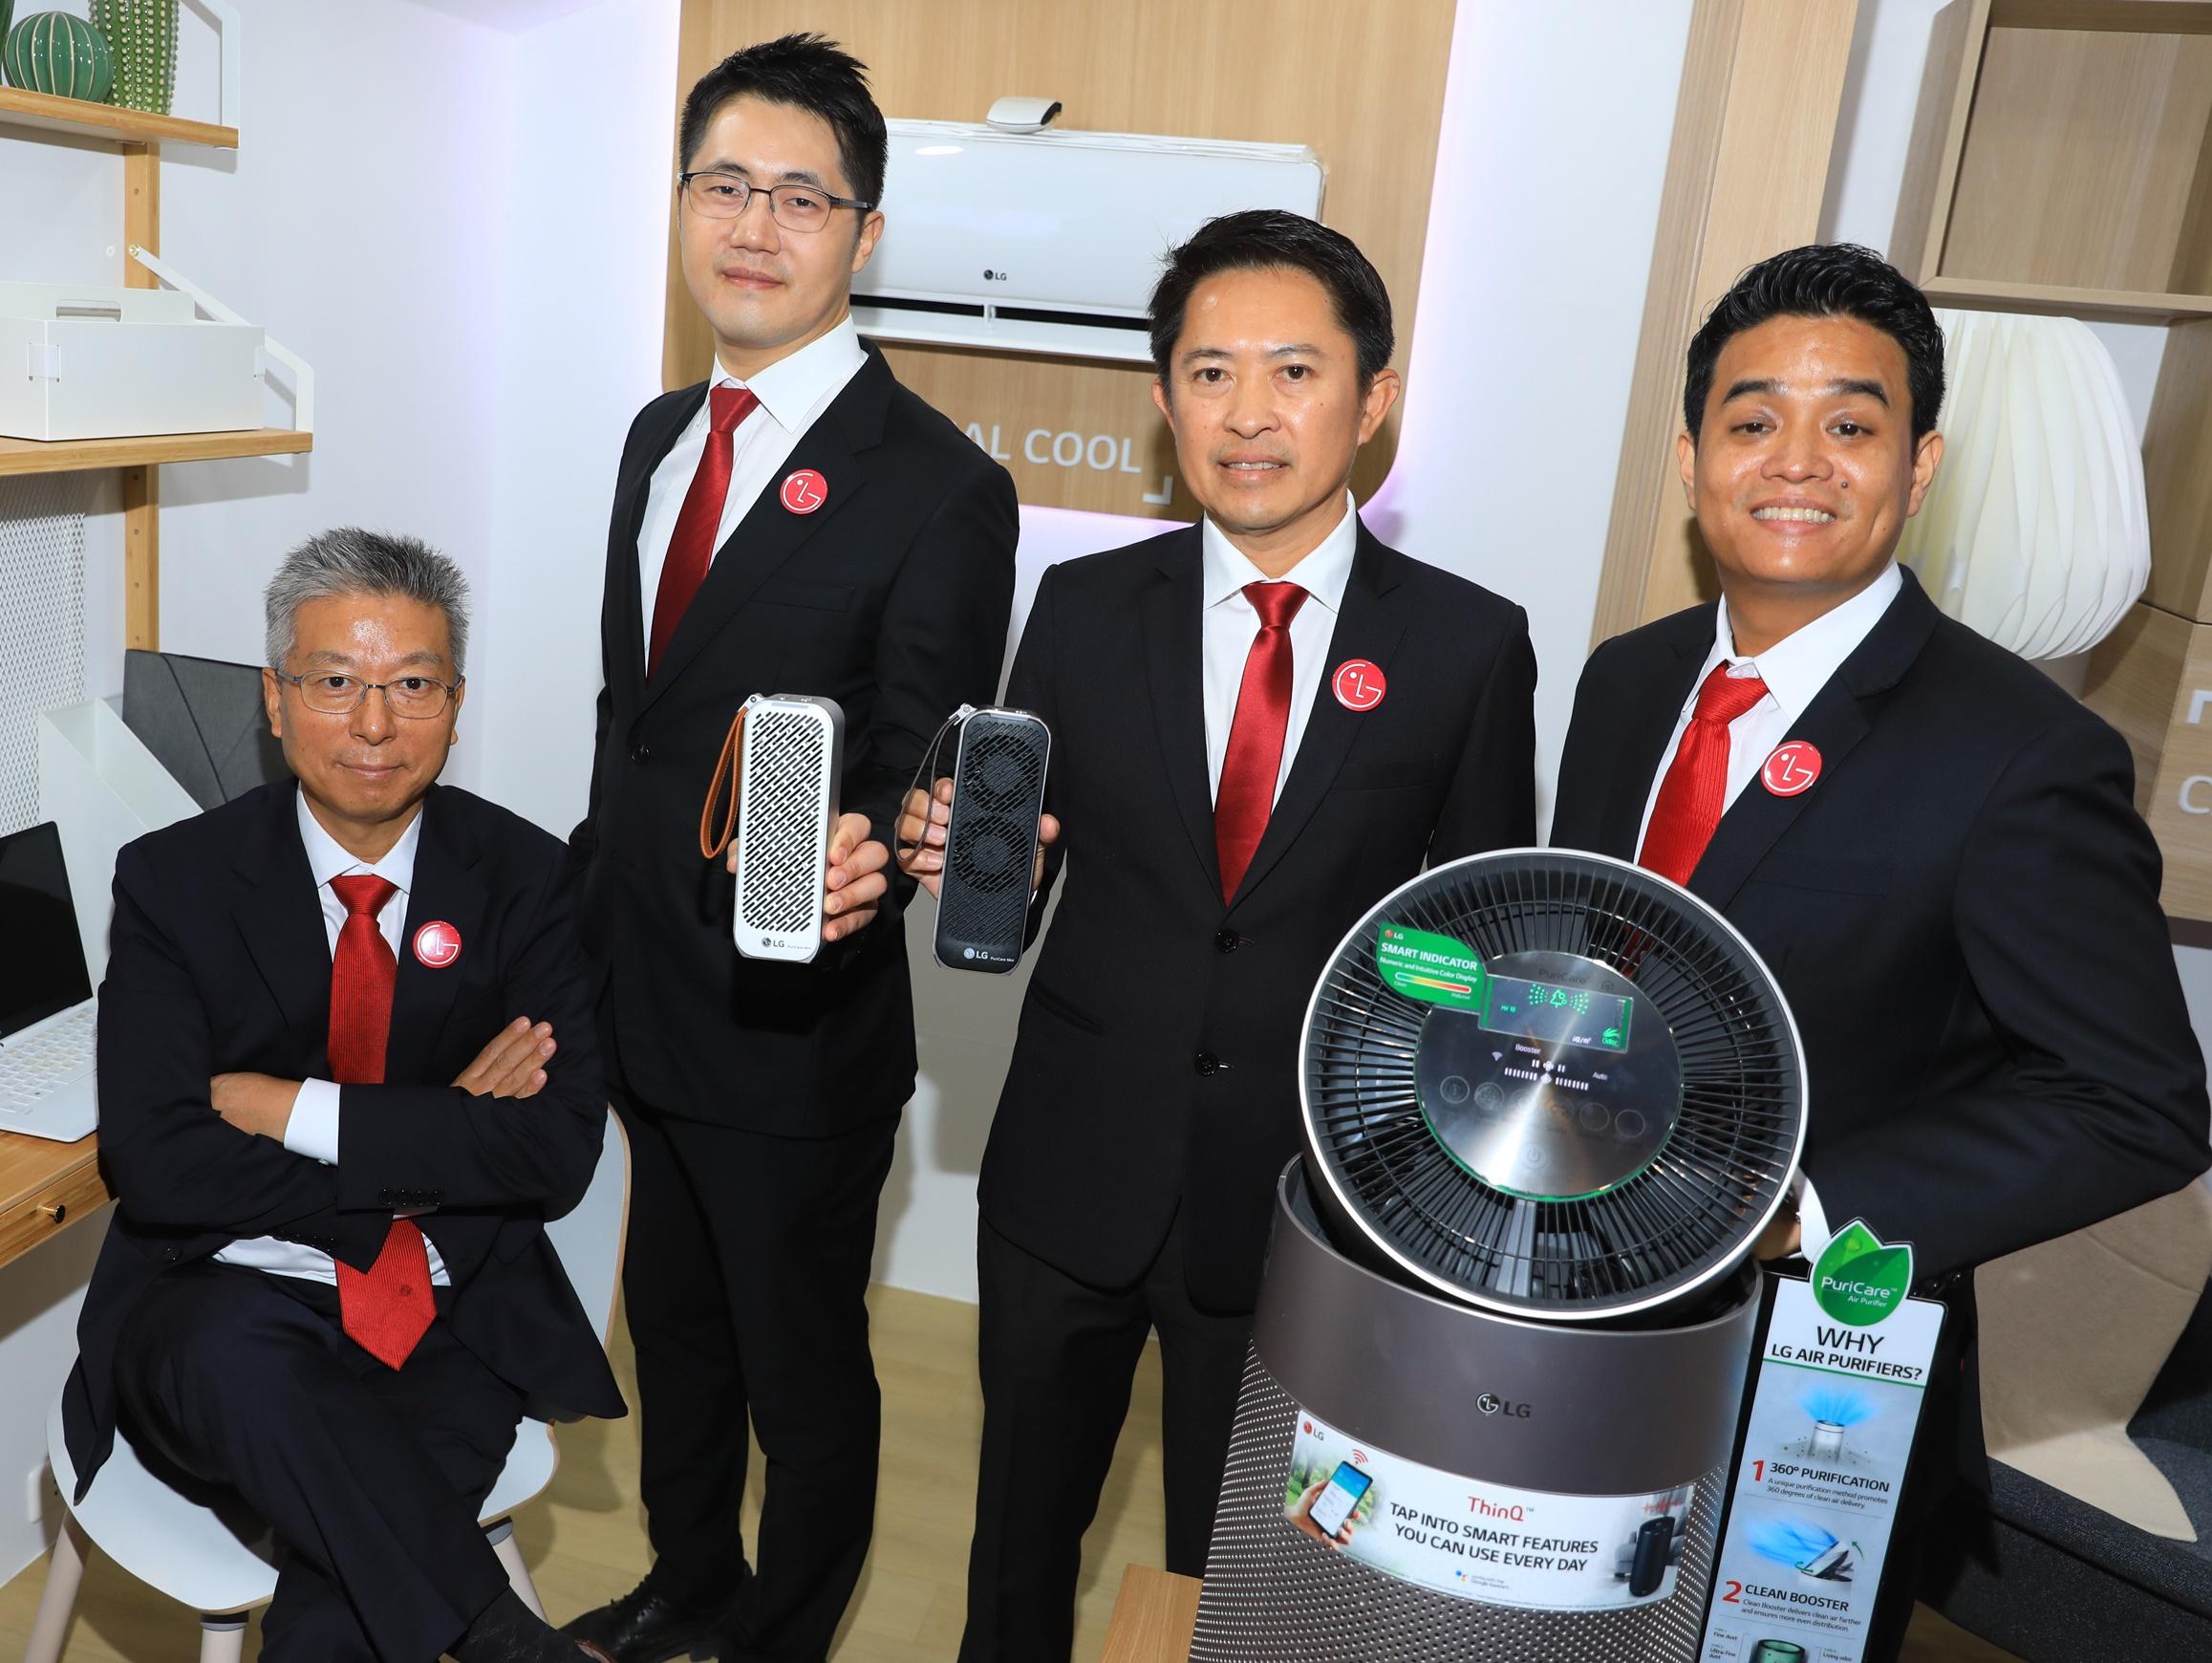 แอลจียกระดับคุณภาพชีวิตคนไทยด้วยอากาศบริสุทธิ์ ส่งนวัตกรรมระบบฟอกอากาศที่ครบวงจร เพื่อสุขภาพของสมาชิกทุกคนในครอบครัว